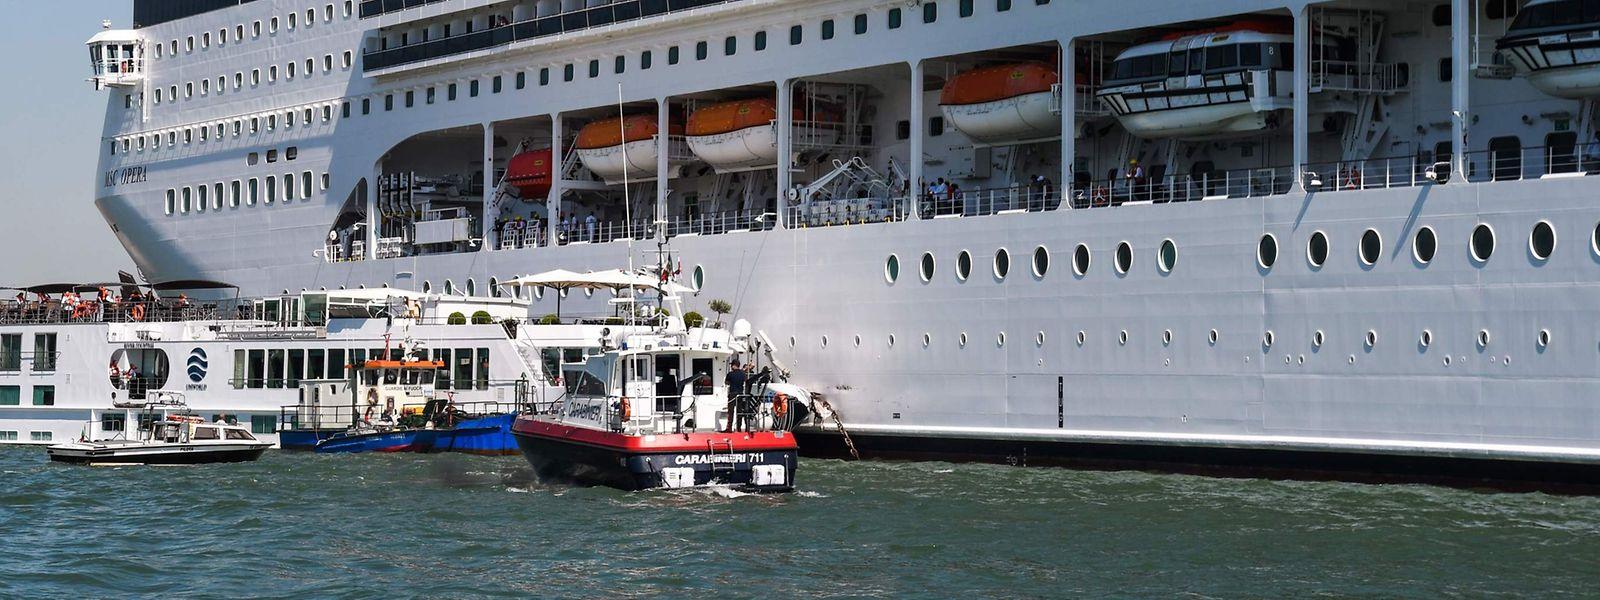 Rettungsboote der Carabinieri und der Hafenfeuerwehr am Ort der Kollision.